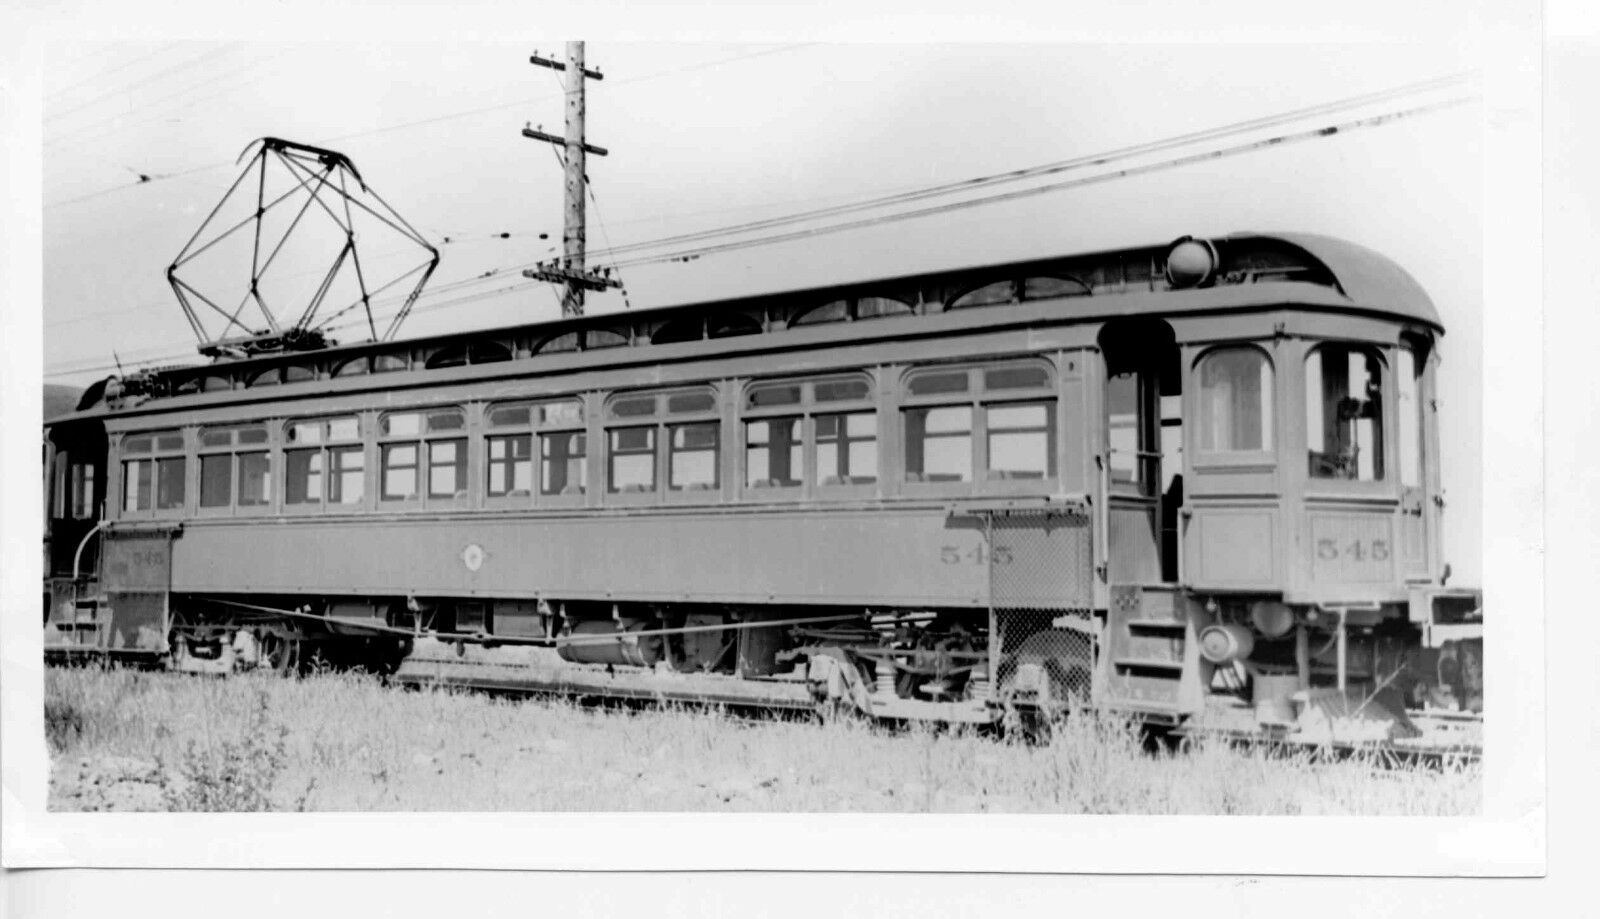 7DD100F RP 1935/1950s? KEY SYSTEM RAILWAY CAR #545